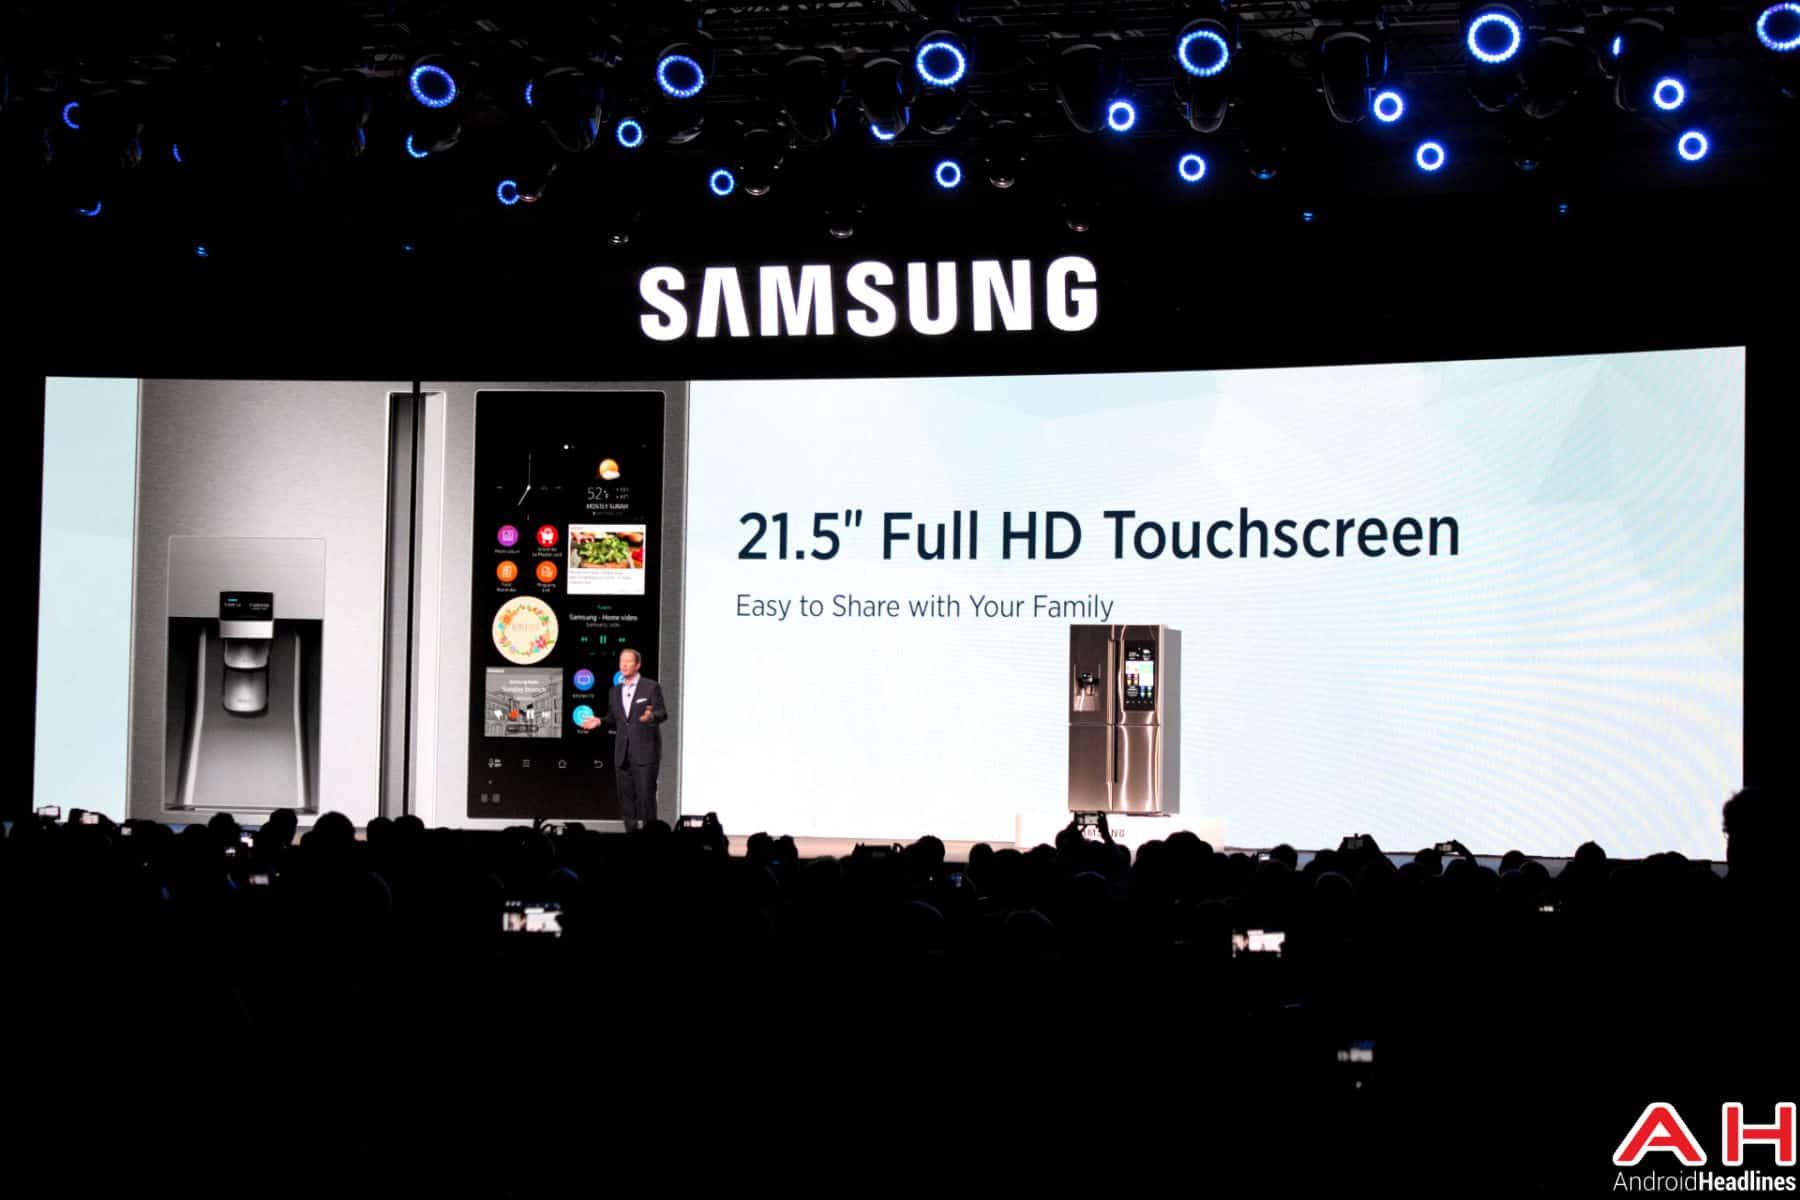 Samsung Family Hub CES AH 3